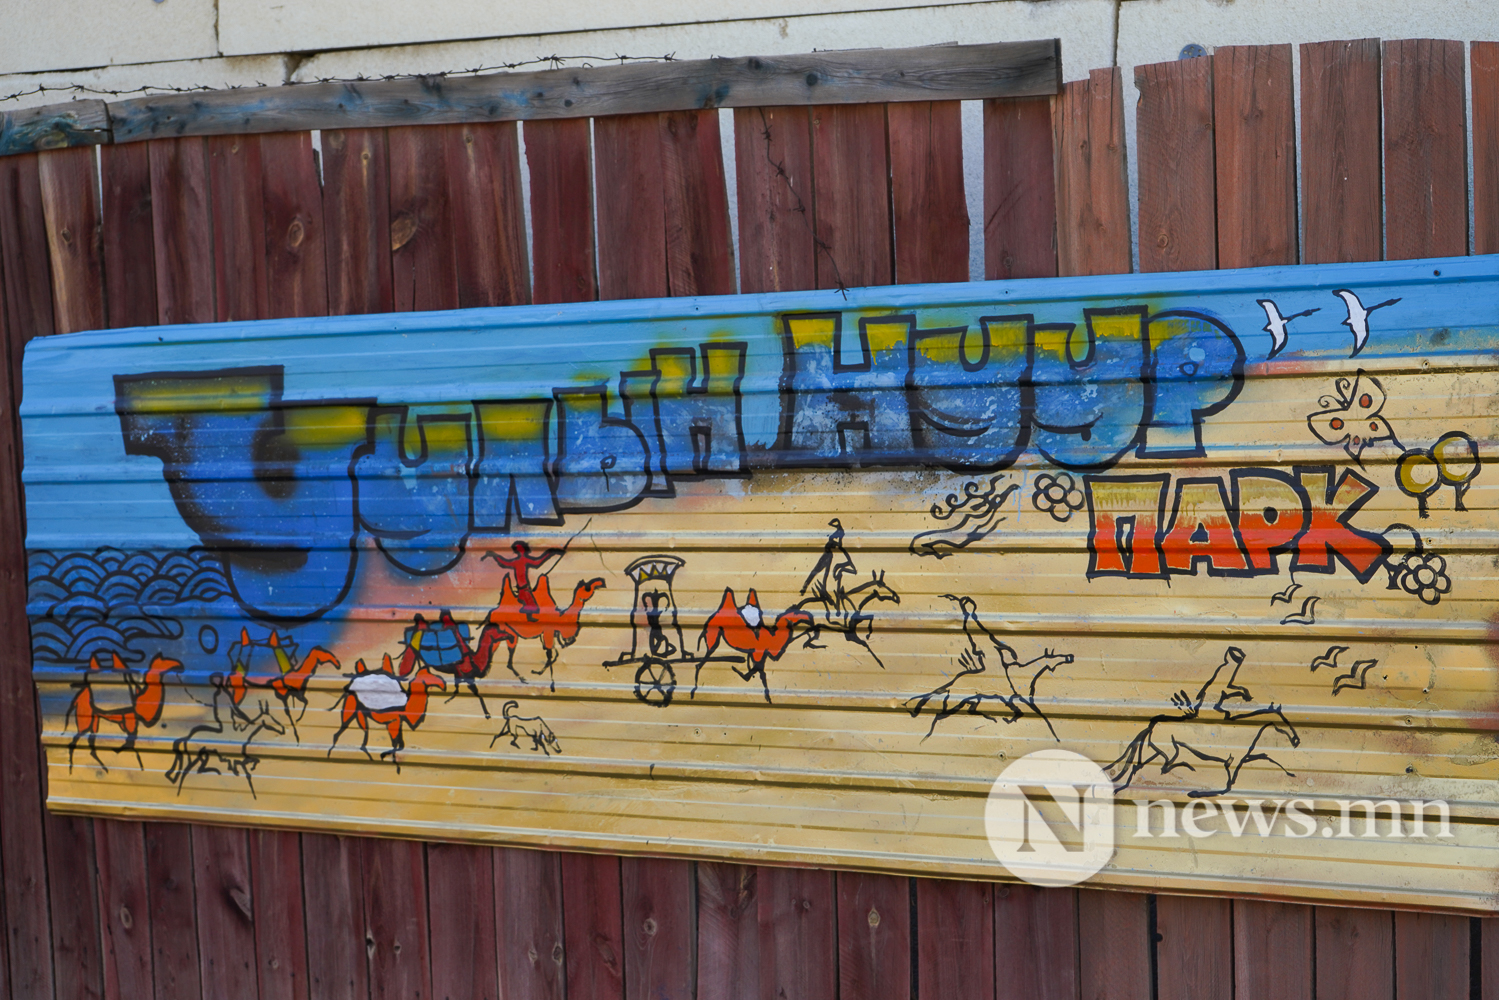 Дэнжийн мянга ногоон нуур street art (13 of 23)